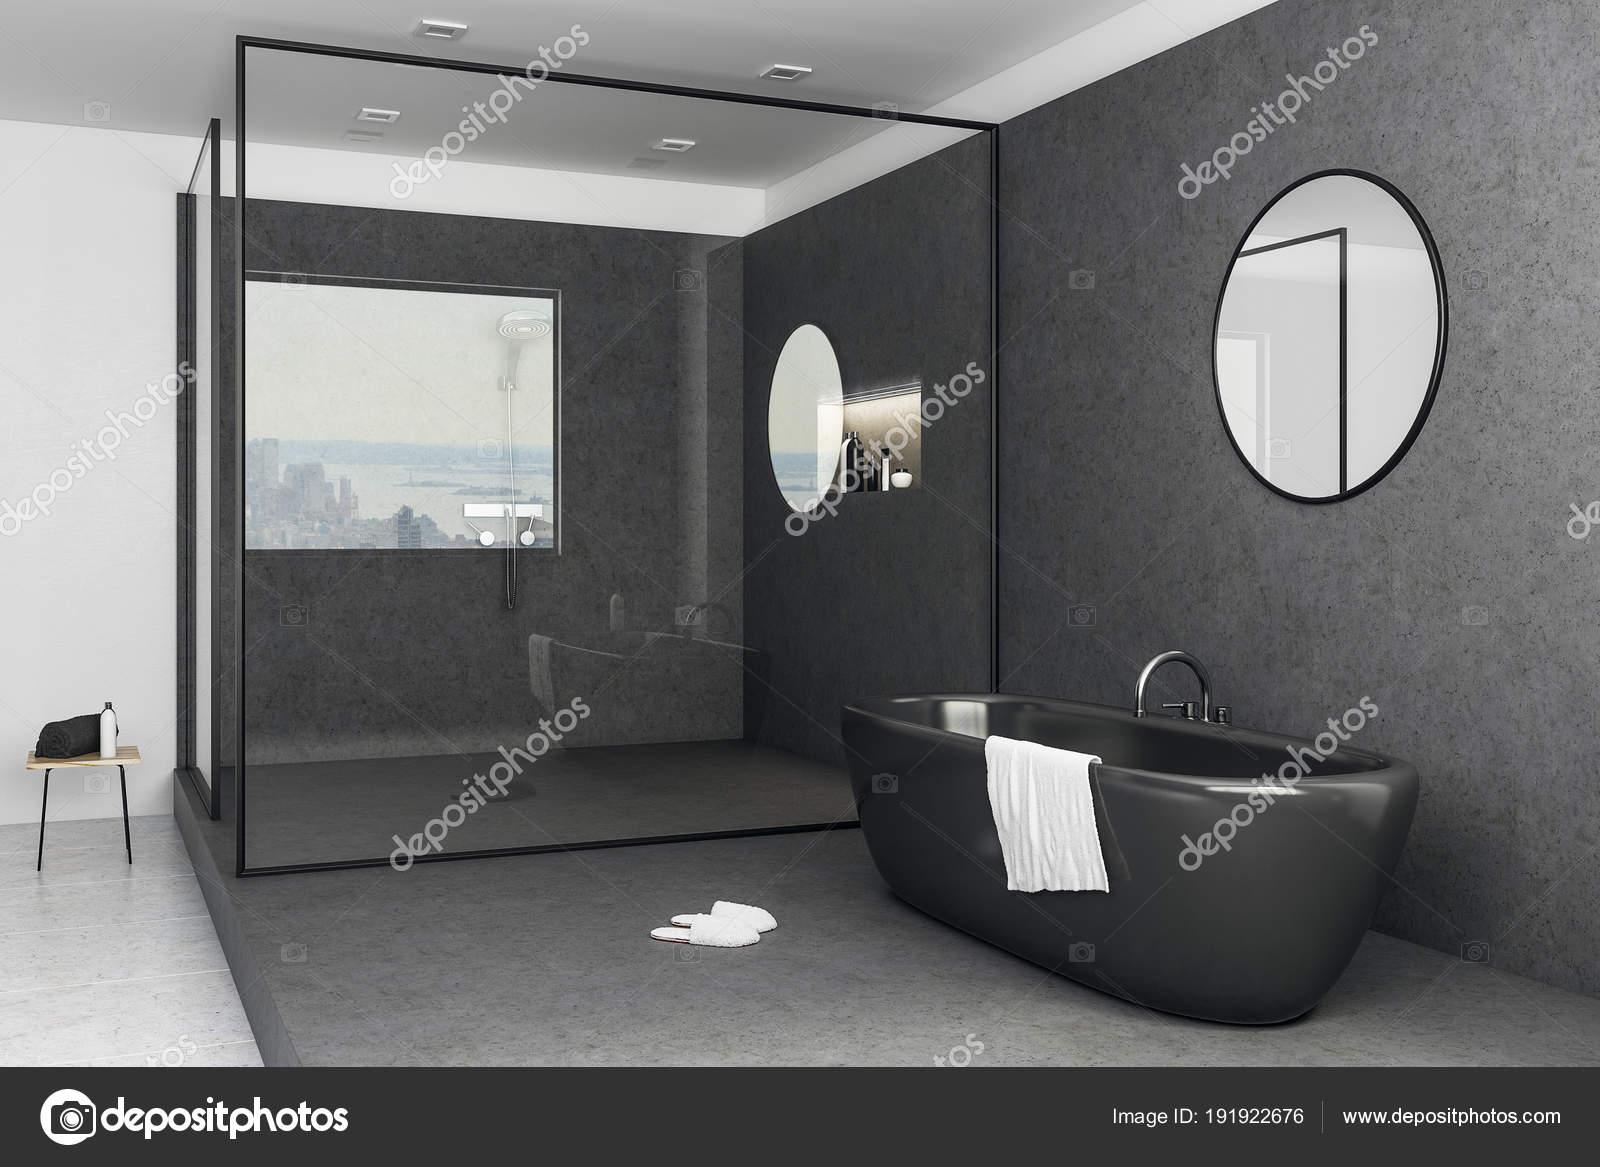 Luxe Badkamer Interieur : Luxe badkamer interieur u2014 stockfoto © peshkova #191922676